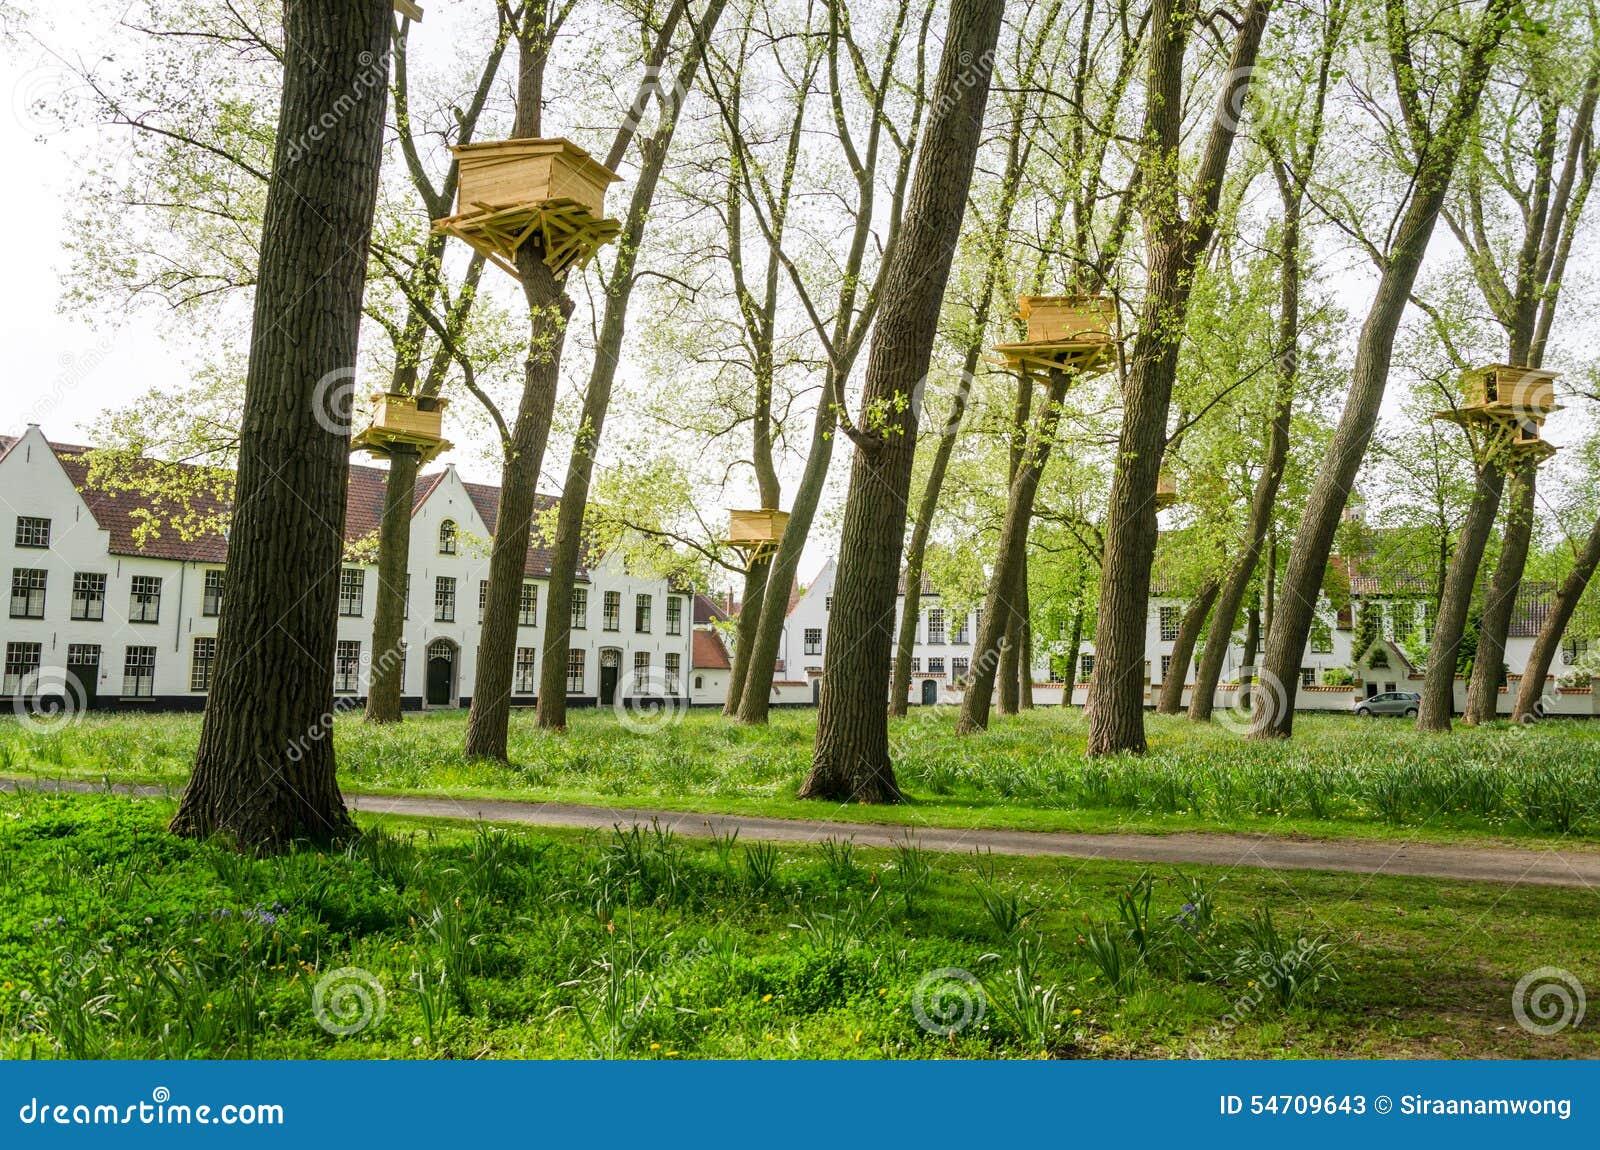 Cabanes dans un arbre dans le jardin de beguinage bruges for Cabanes de jardin belgique